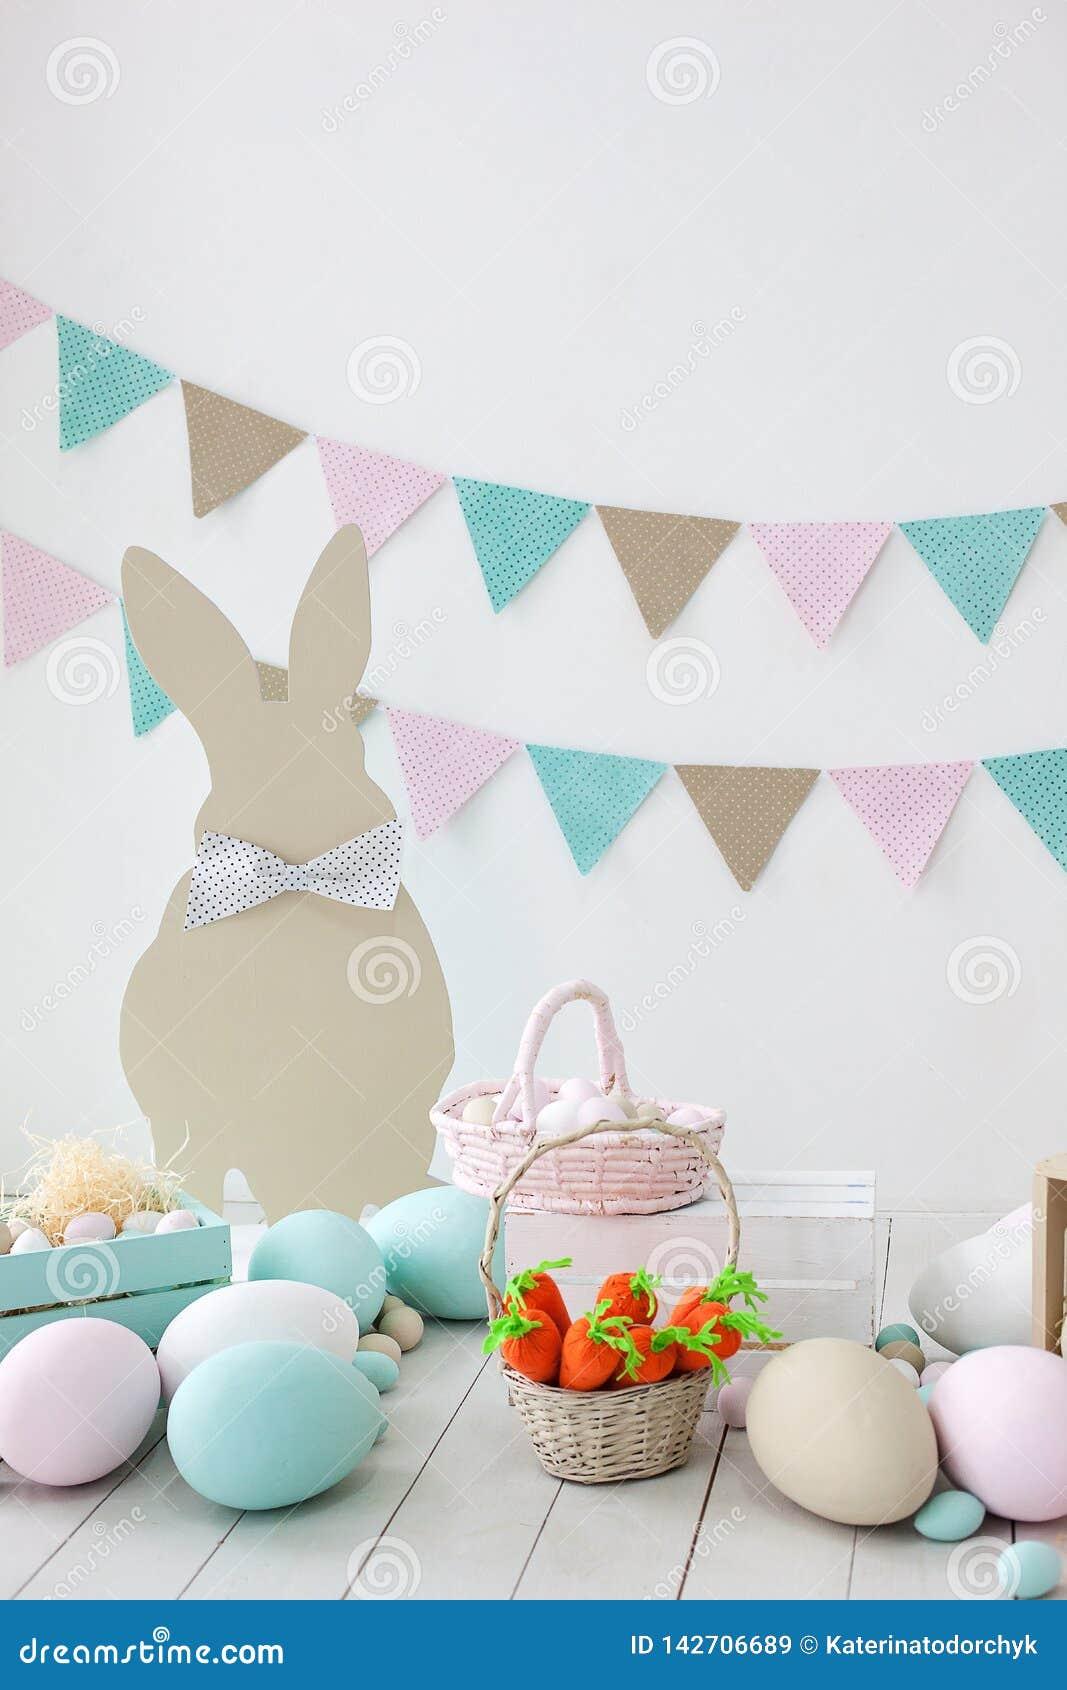 复活节!与兔宝宝和篮子的许多五颜六色的复活节彩蛋!屋子的复活节装饰,比赛的儿童房间 篮子与